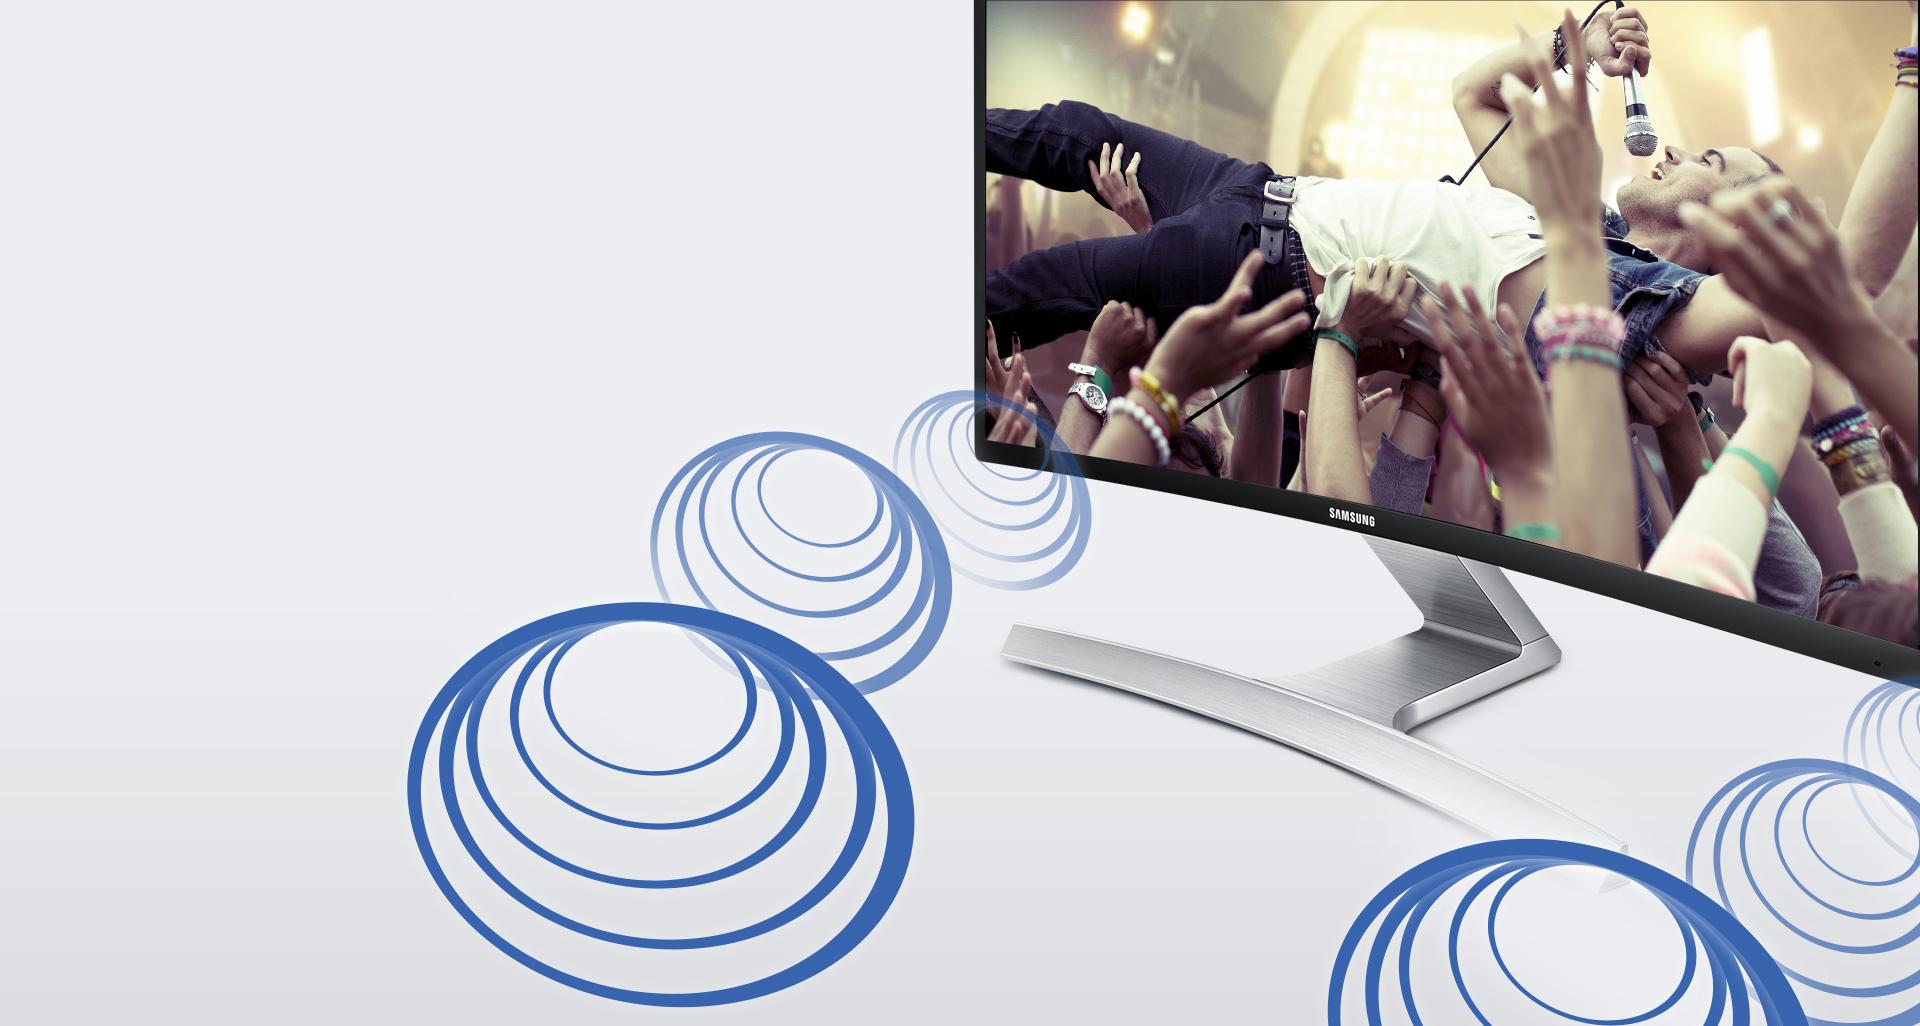 صدای برنامه های سرگرم از طریق بلندگوهای استریو تعبیه شده در صفحه نمایش منحنی با کیفیتی فوق العاده پخش می شوند.